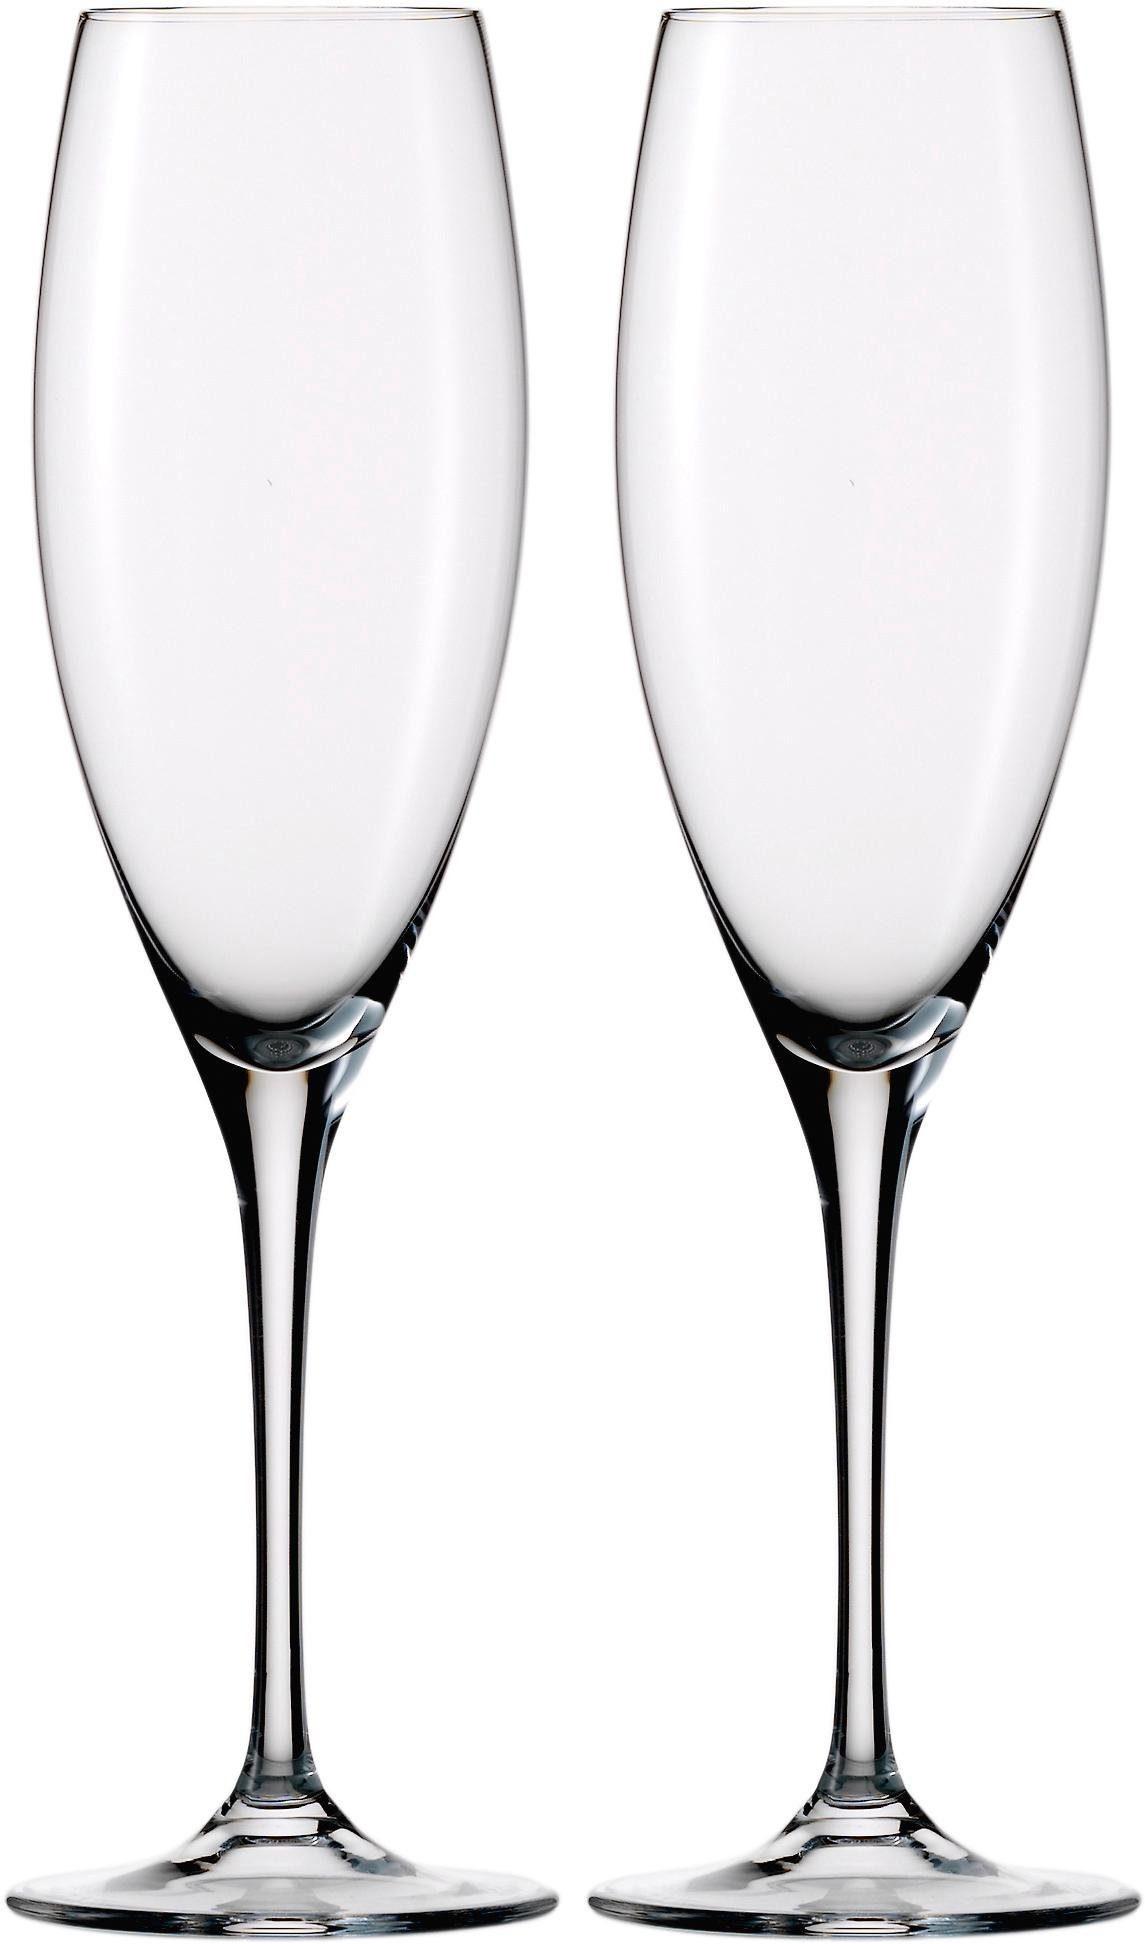 Eisch Champagnerglas Jeunesse, (Set, 2 tlg.), bleifreies Kristallglas, 270 ml farblos Kristallgläser Gläser Glaswaren Haushaltswaren